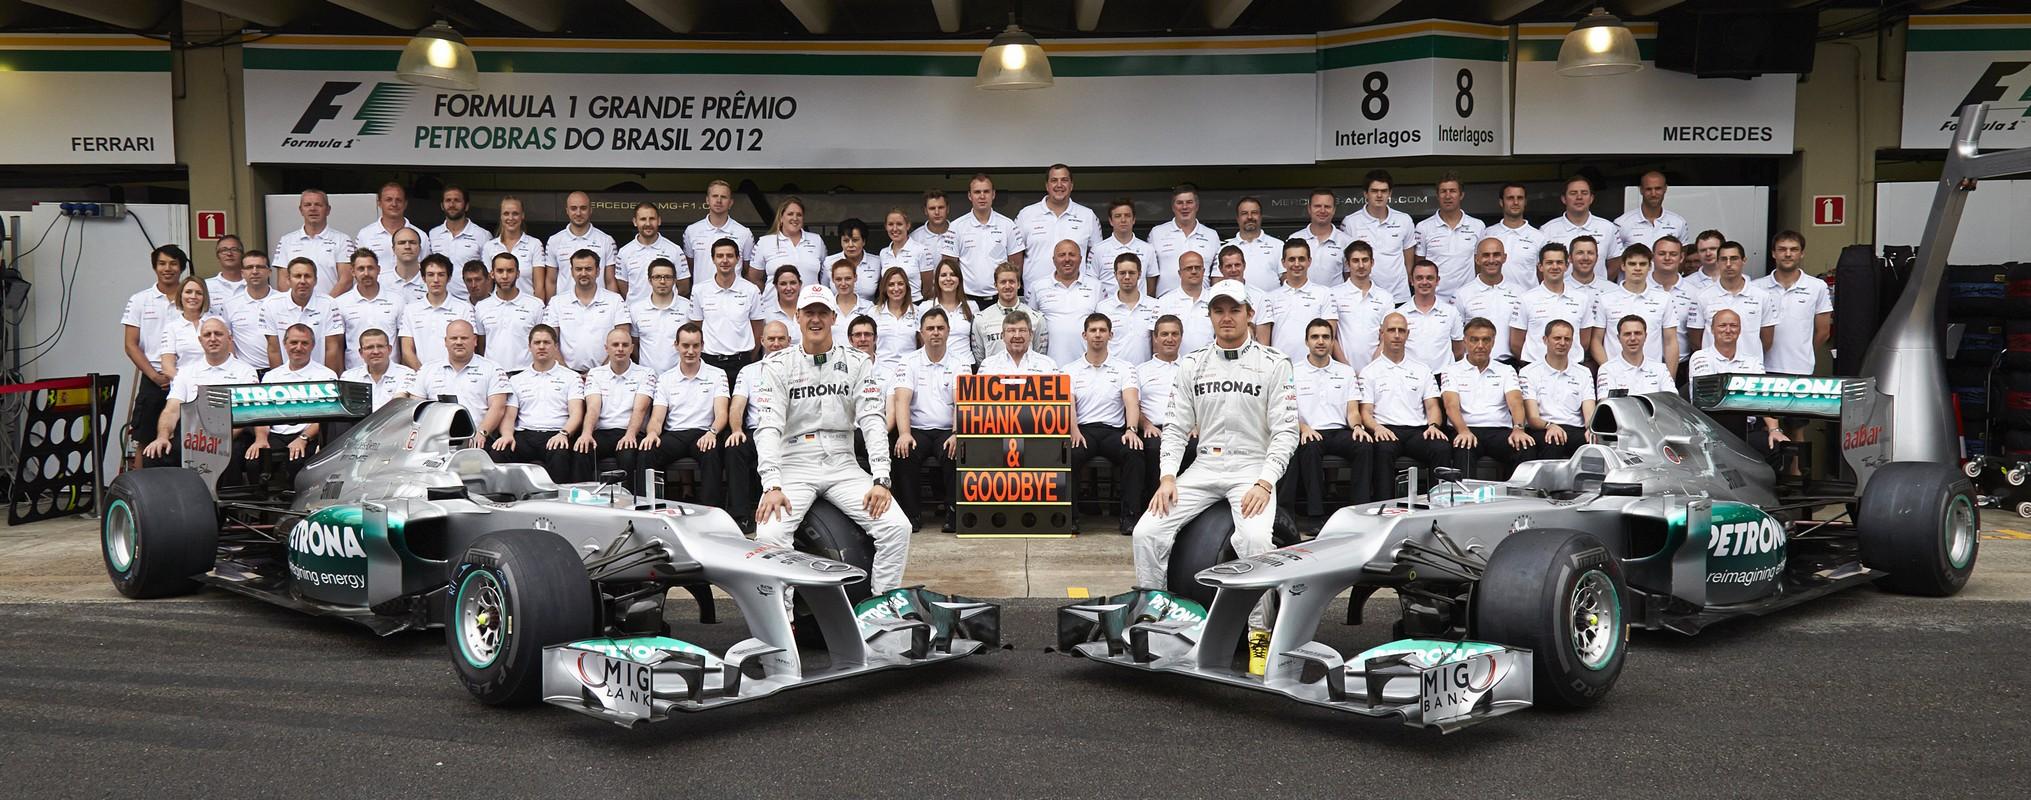 El año de Mercedes: ingeniería alemana en el punto de mira